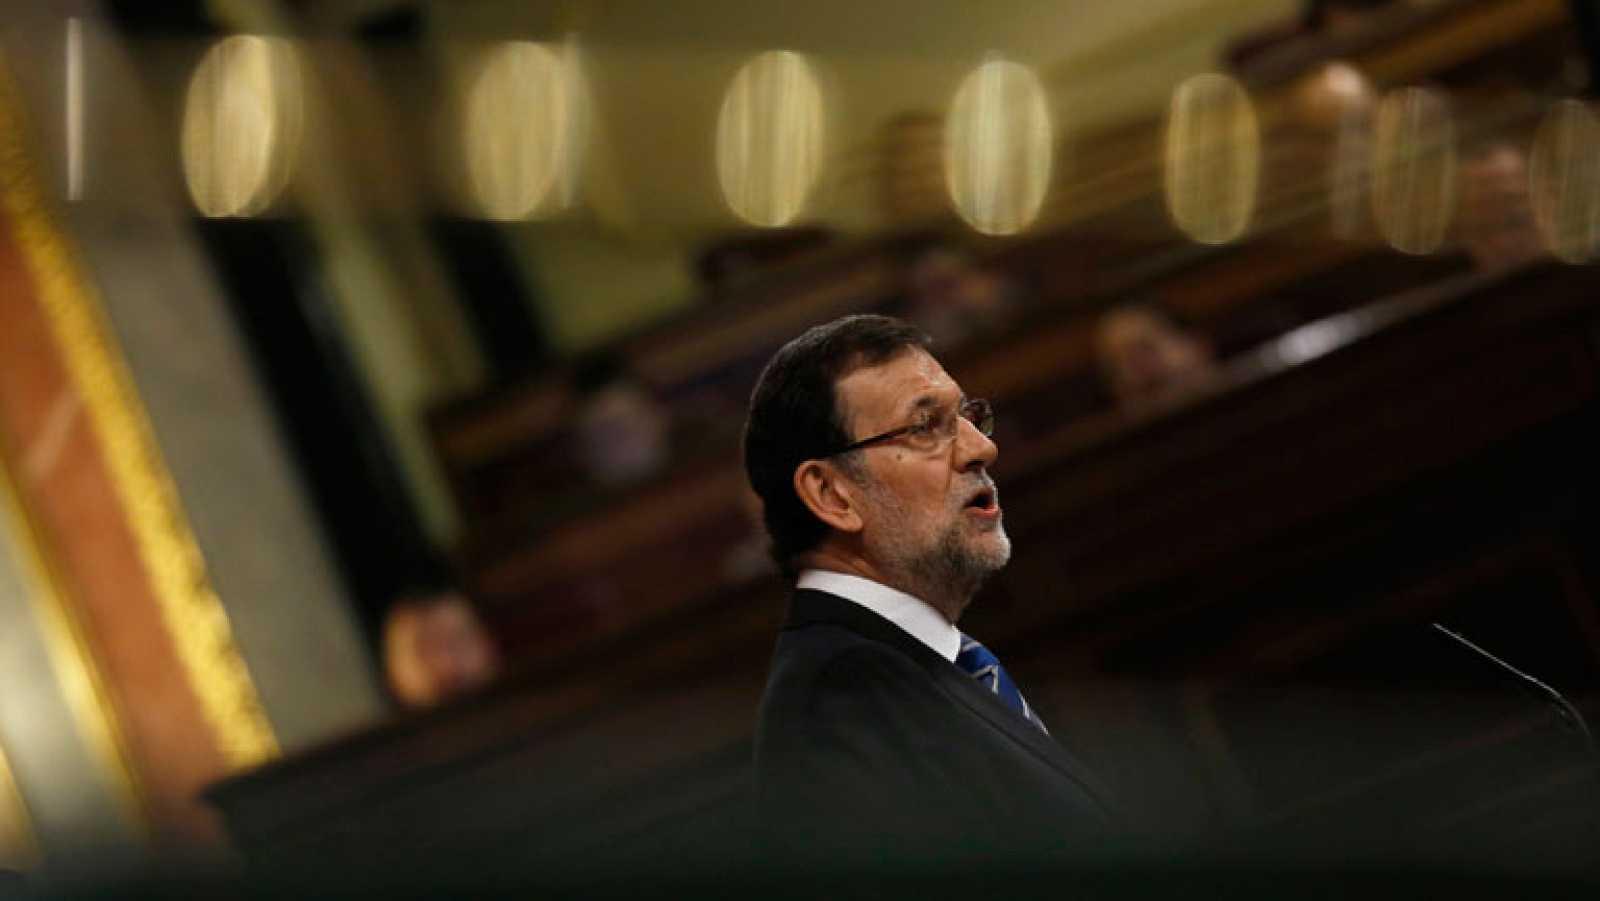 """Rajoy: """"Hemos avanzado muchísimo en poco tiempo y hemos dejado atrás lo peor"""""""